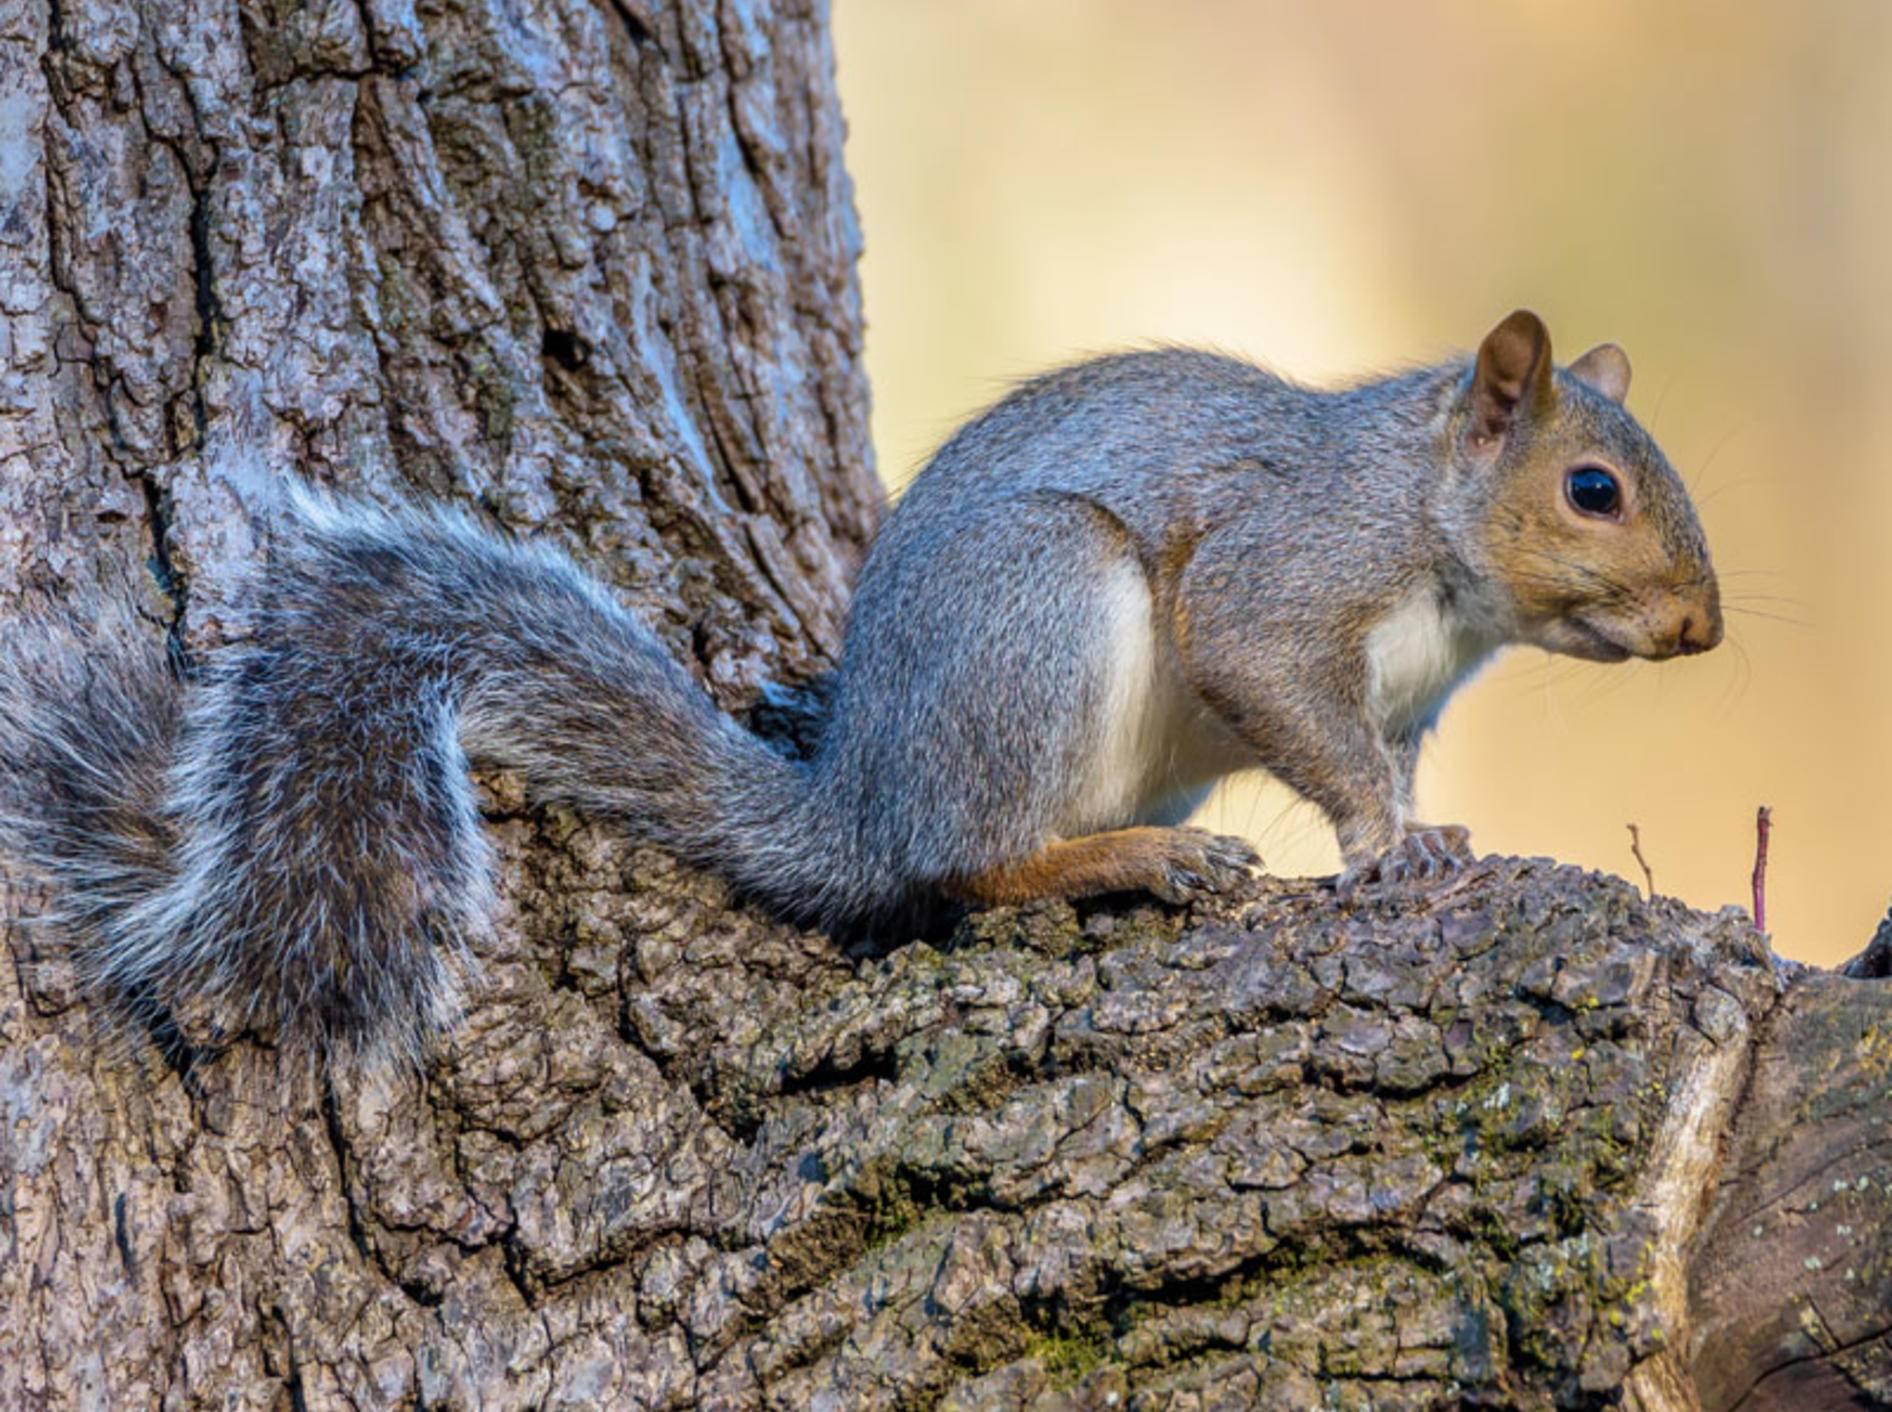 Eichhörnchen hören ganz genau in, wenn Vögel zwitschern - Bild: Shutterstock / Sterling E Thompson